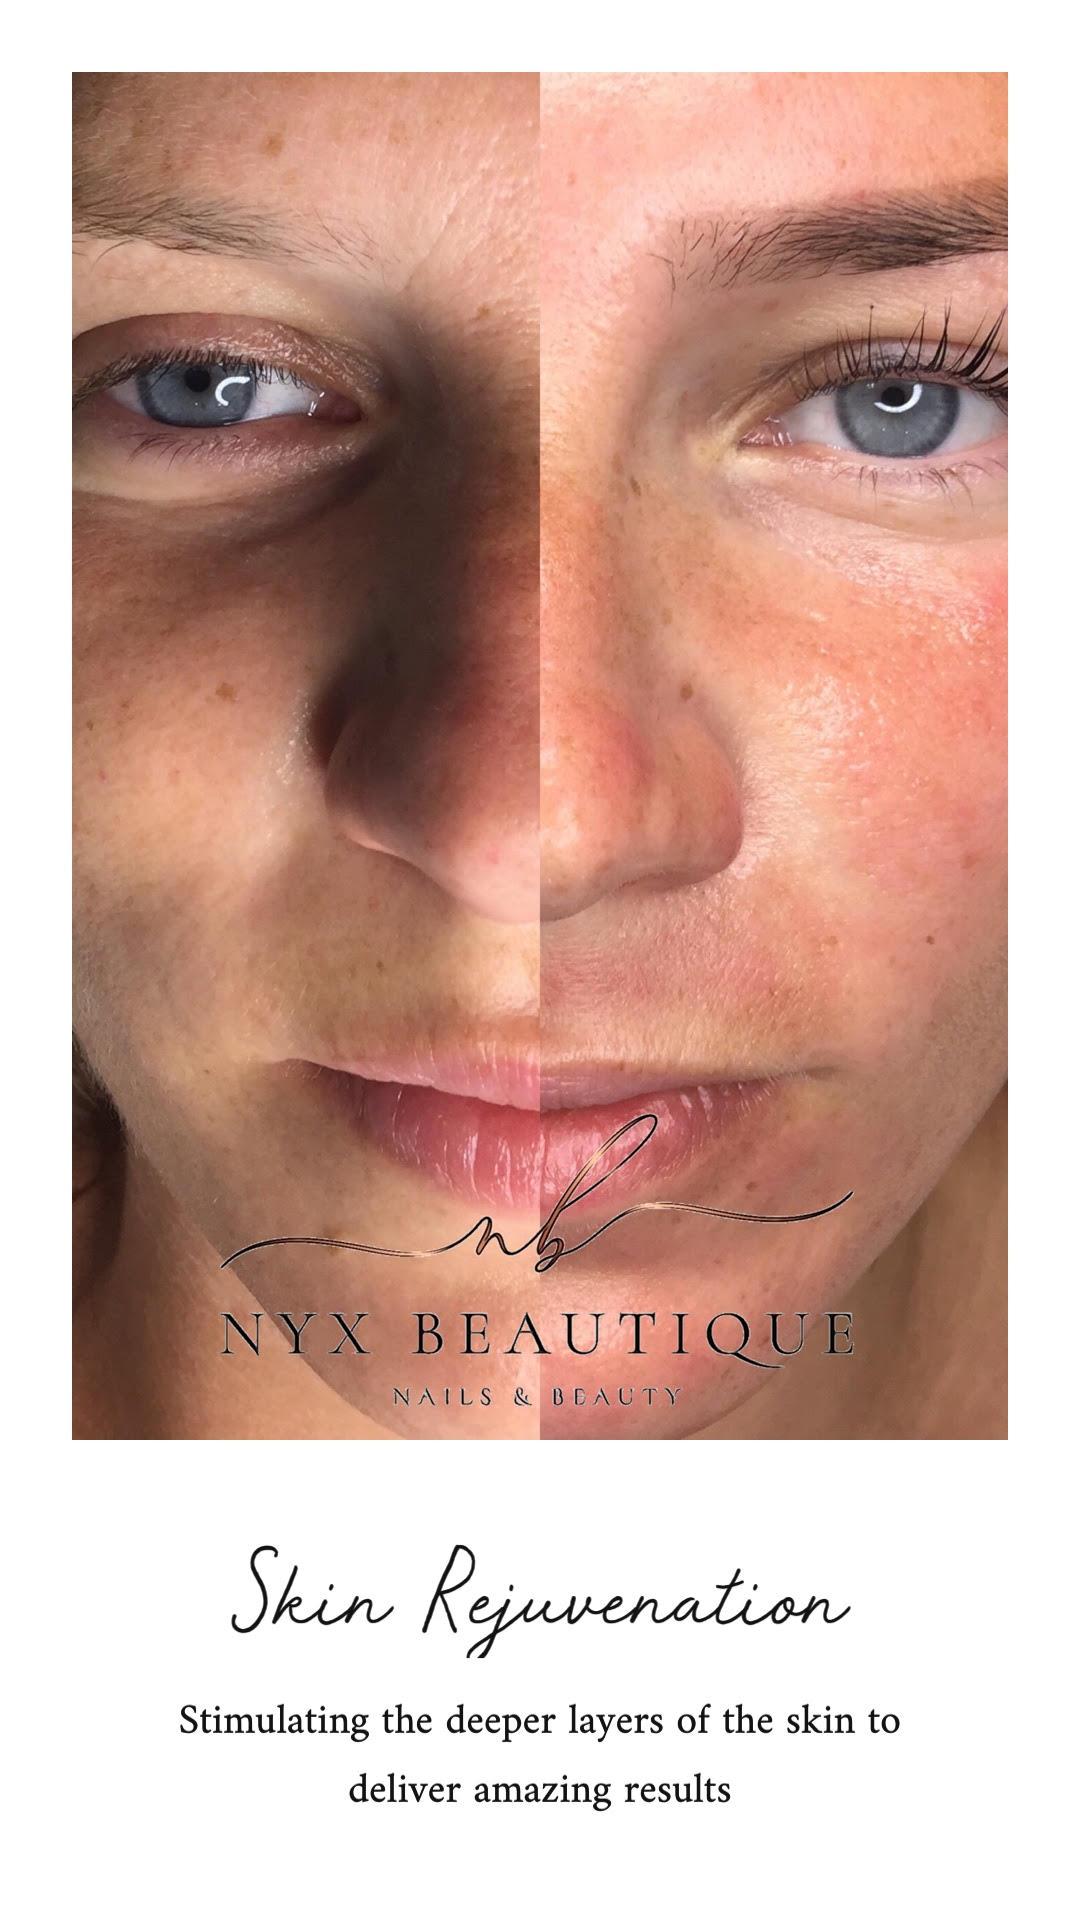 skin rejuvenation before after image